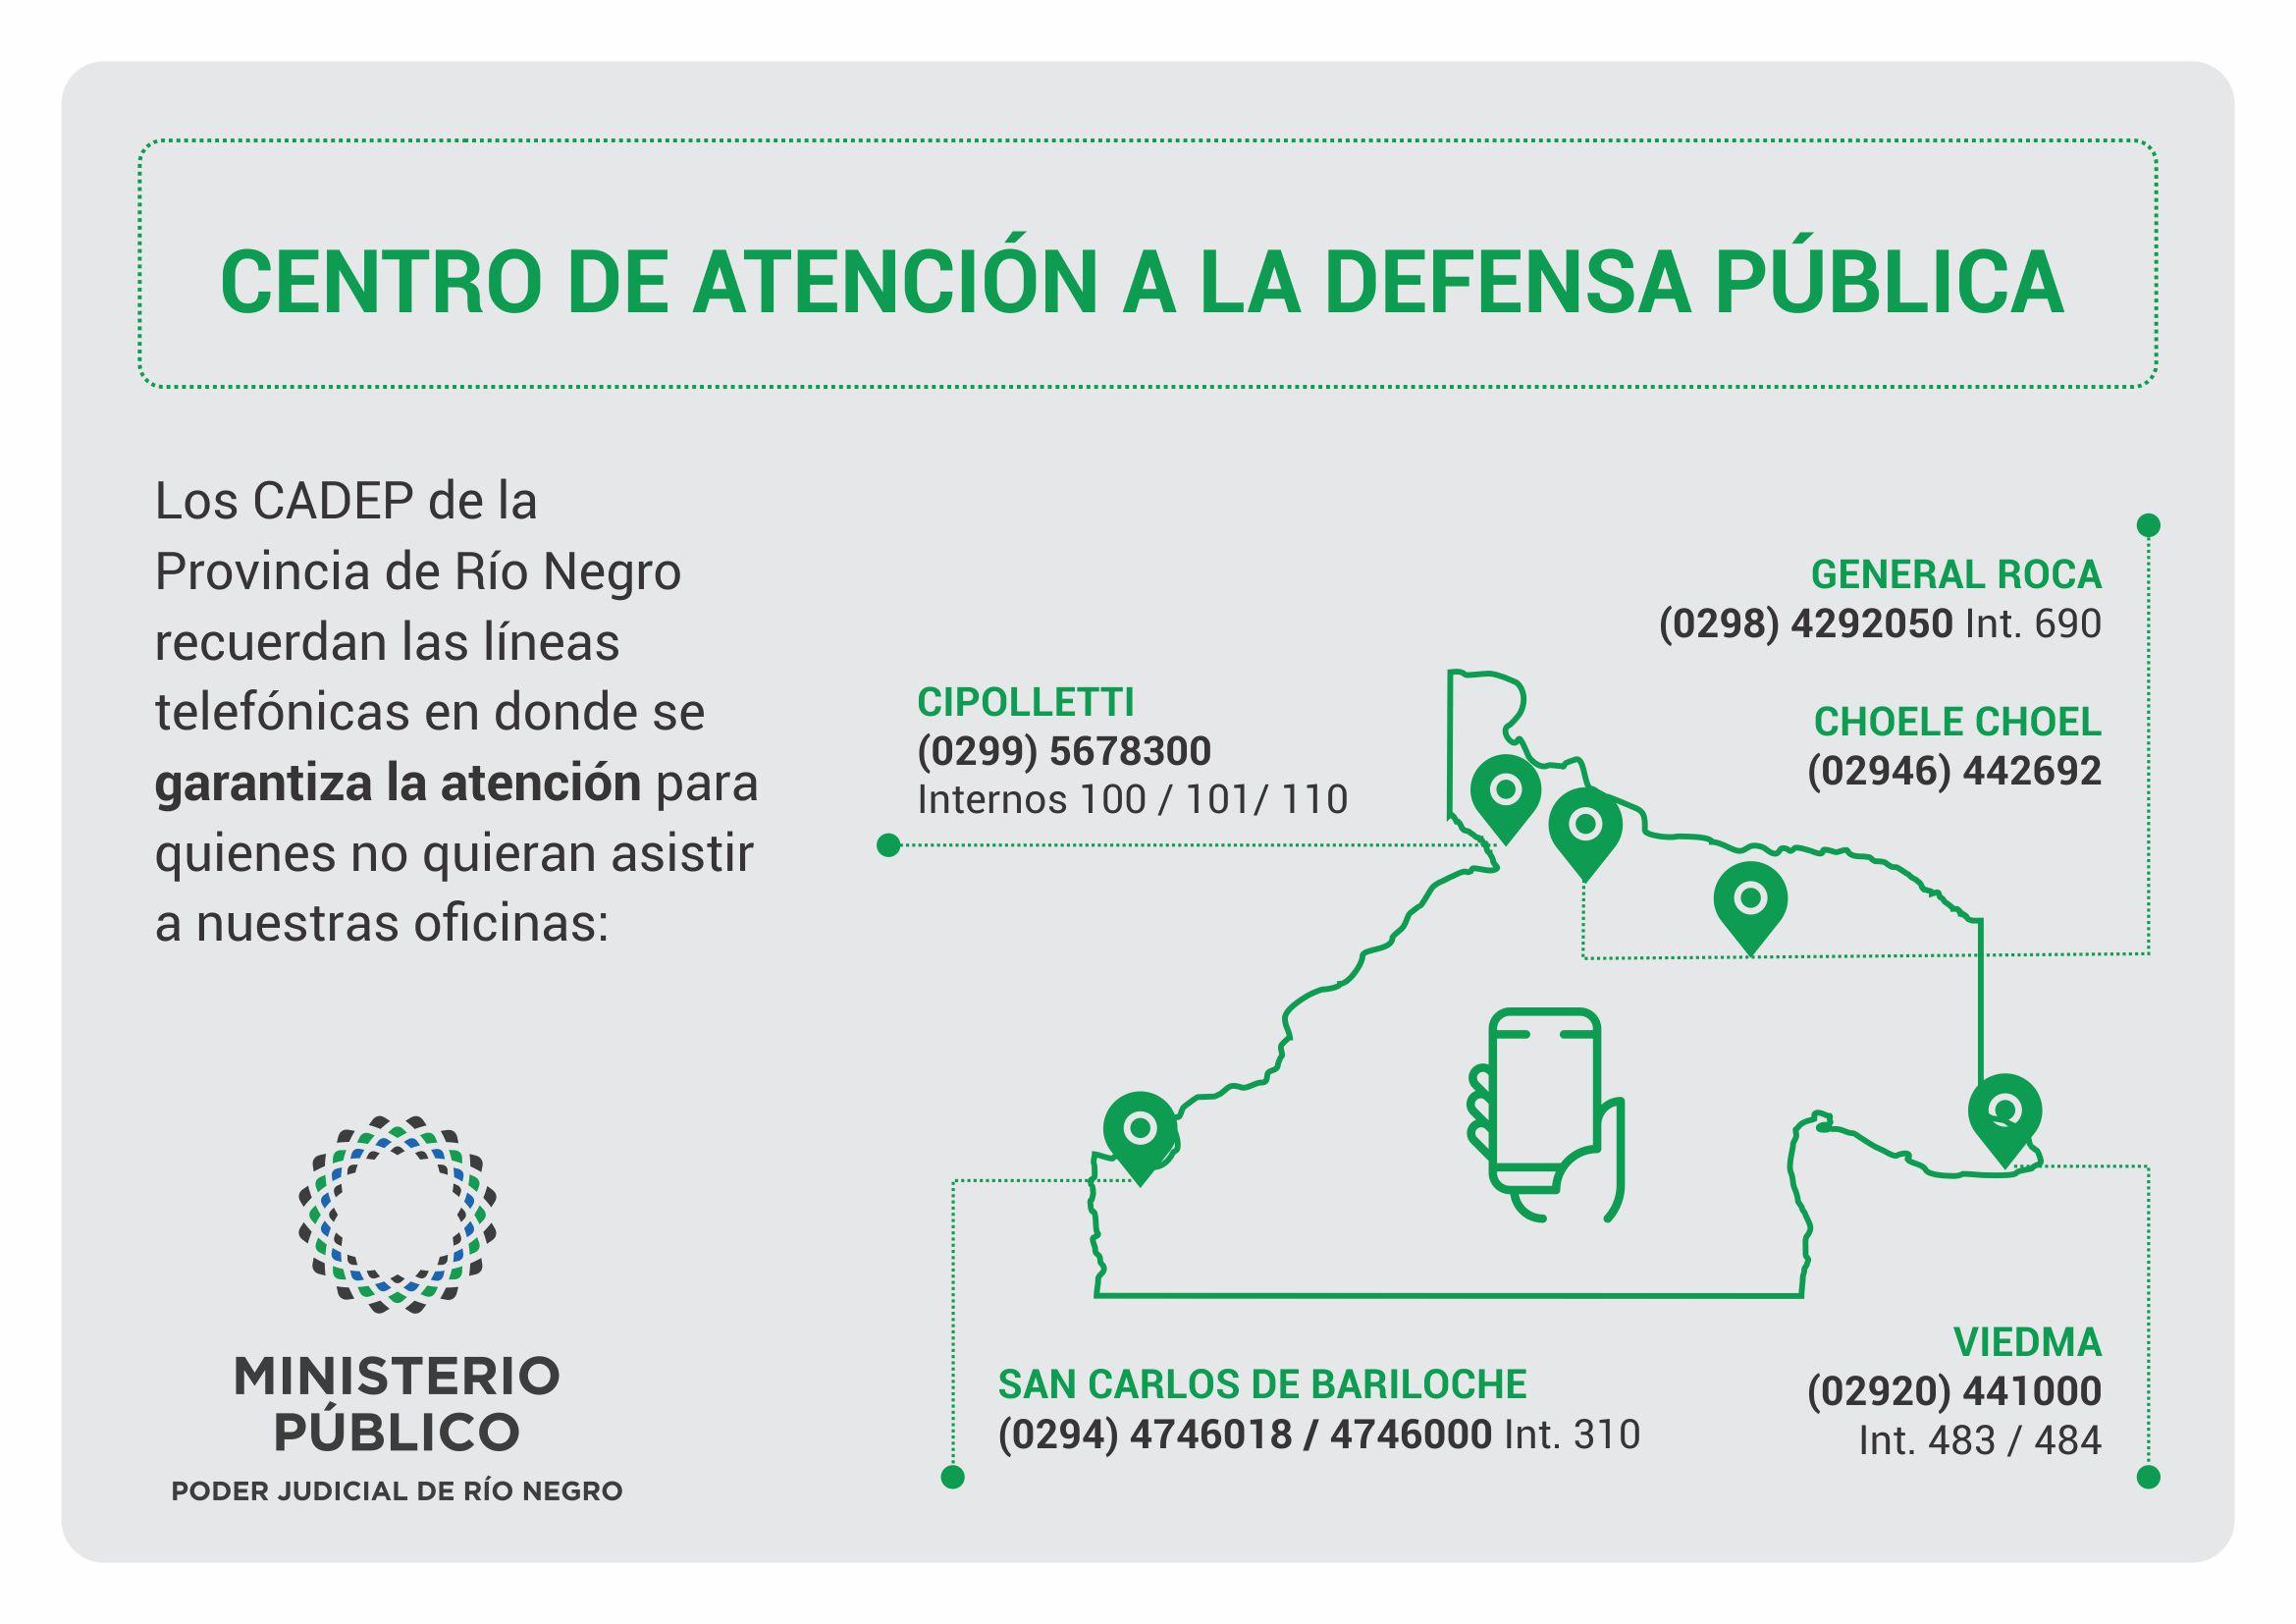 Centros de Atención a la Defensa Pública